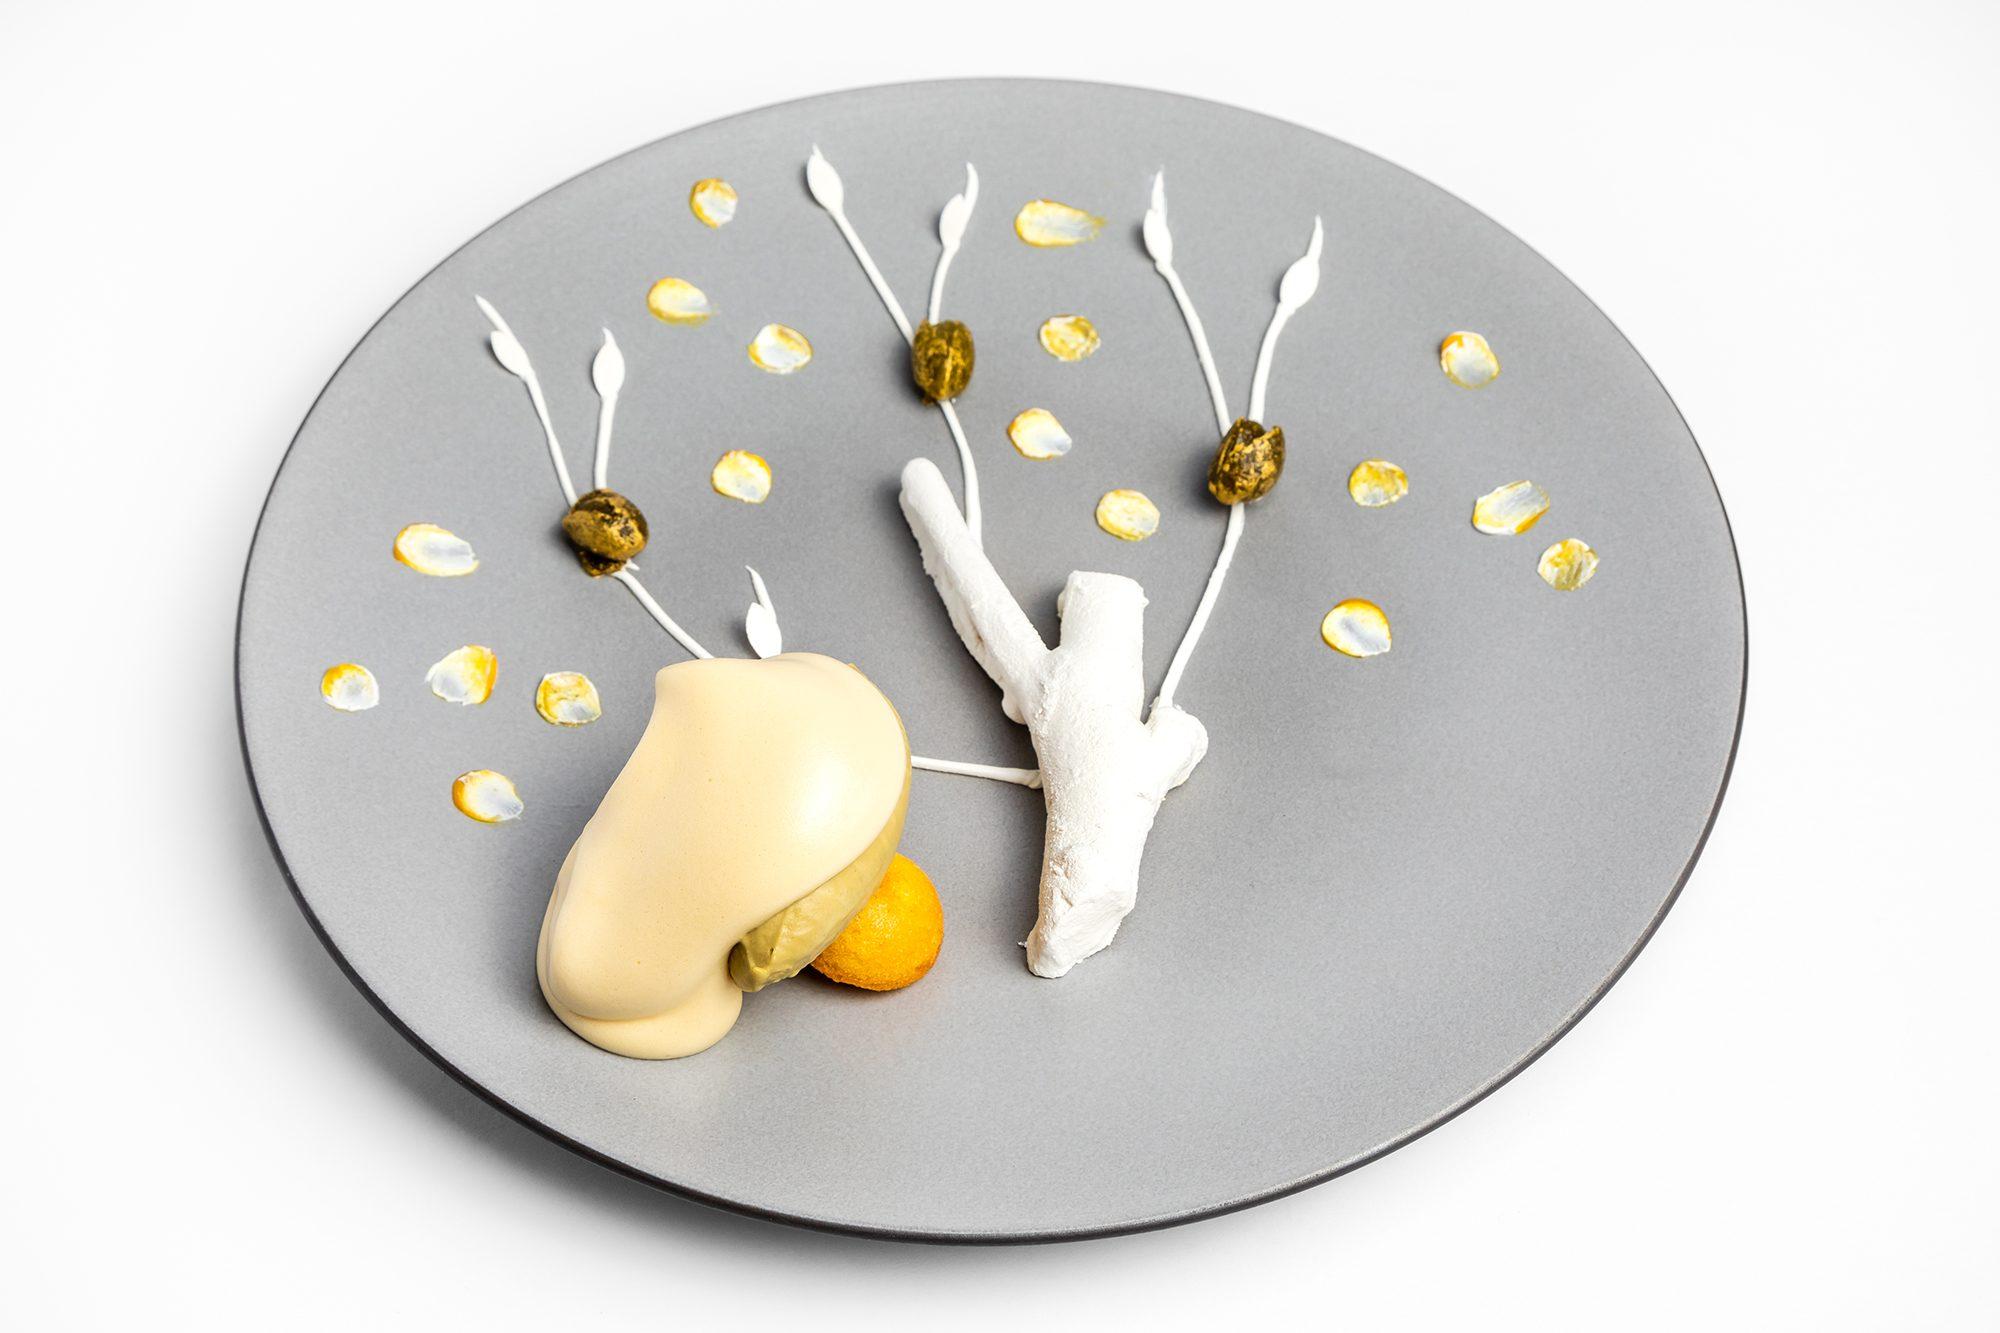 Zabaione tradizionale con pistacchio di Bronte e l'albero di arance amare e zenzero